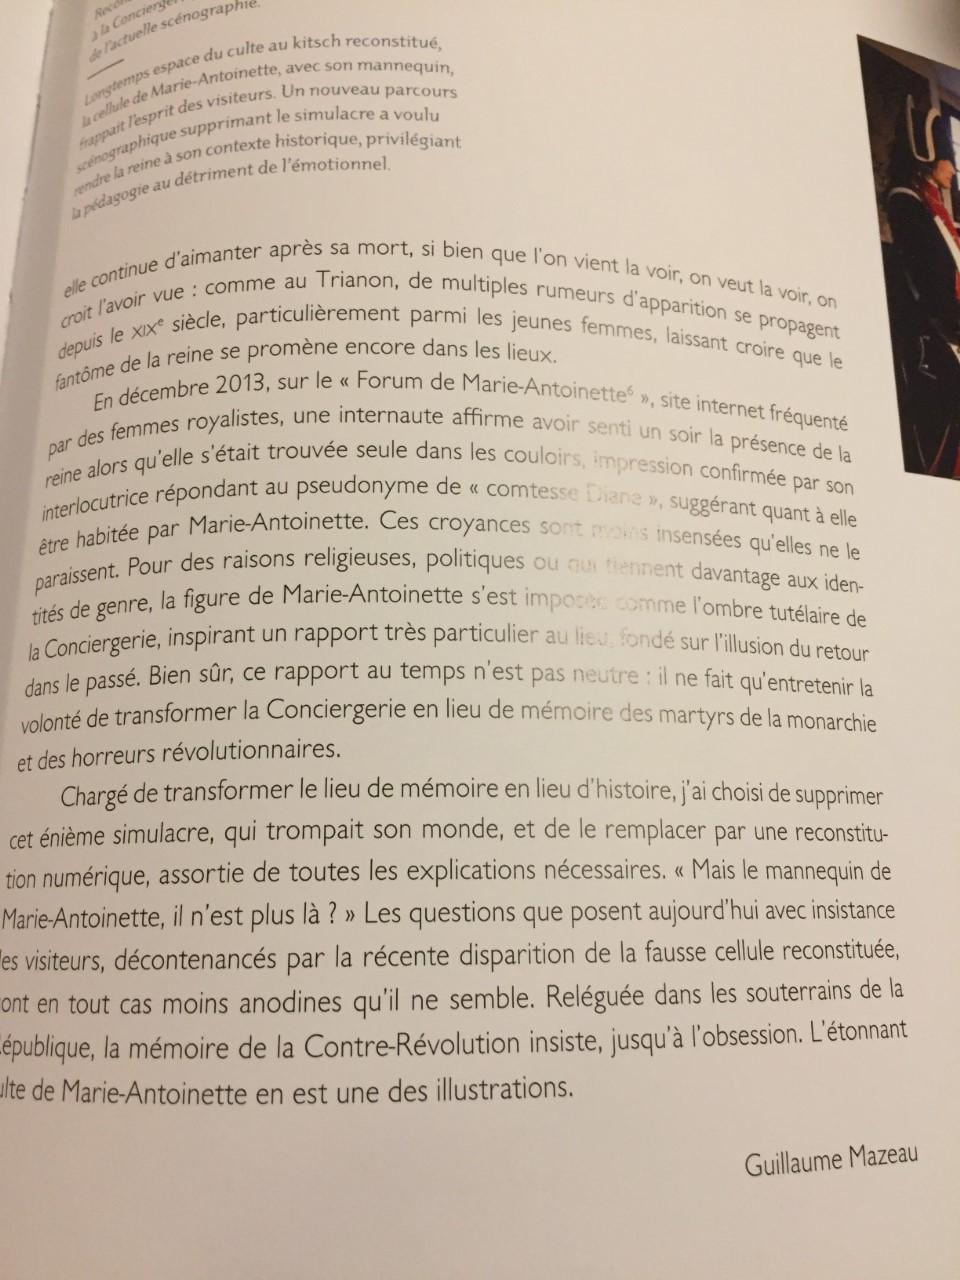 Catalogue de l'exposition : Marie-Antoinette, métamorphoses d'une image (La Conciergerie, Paris) Catalo10